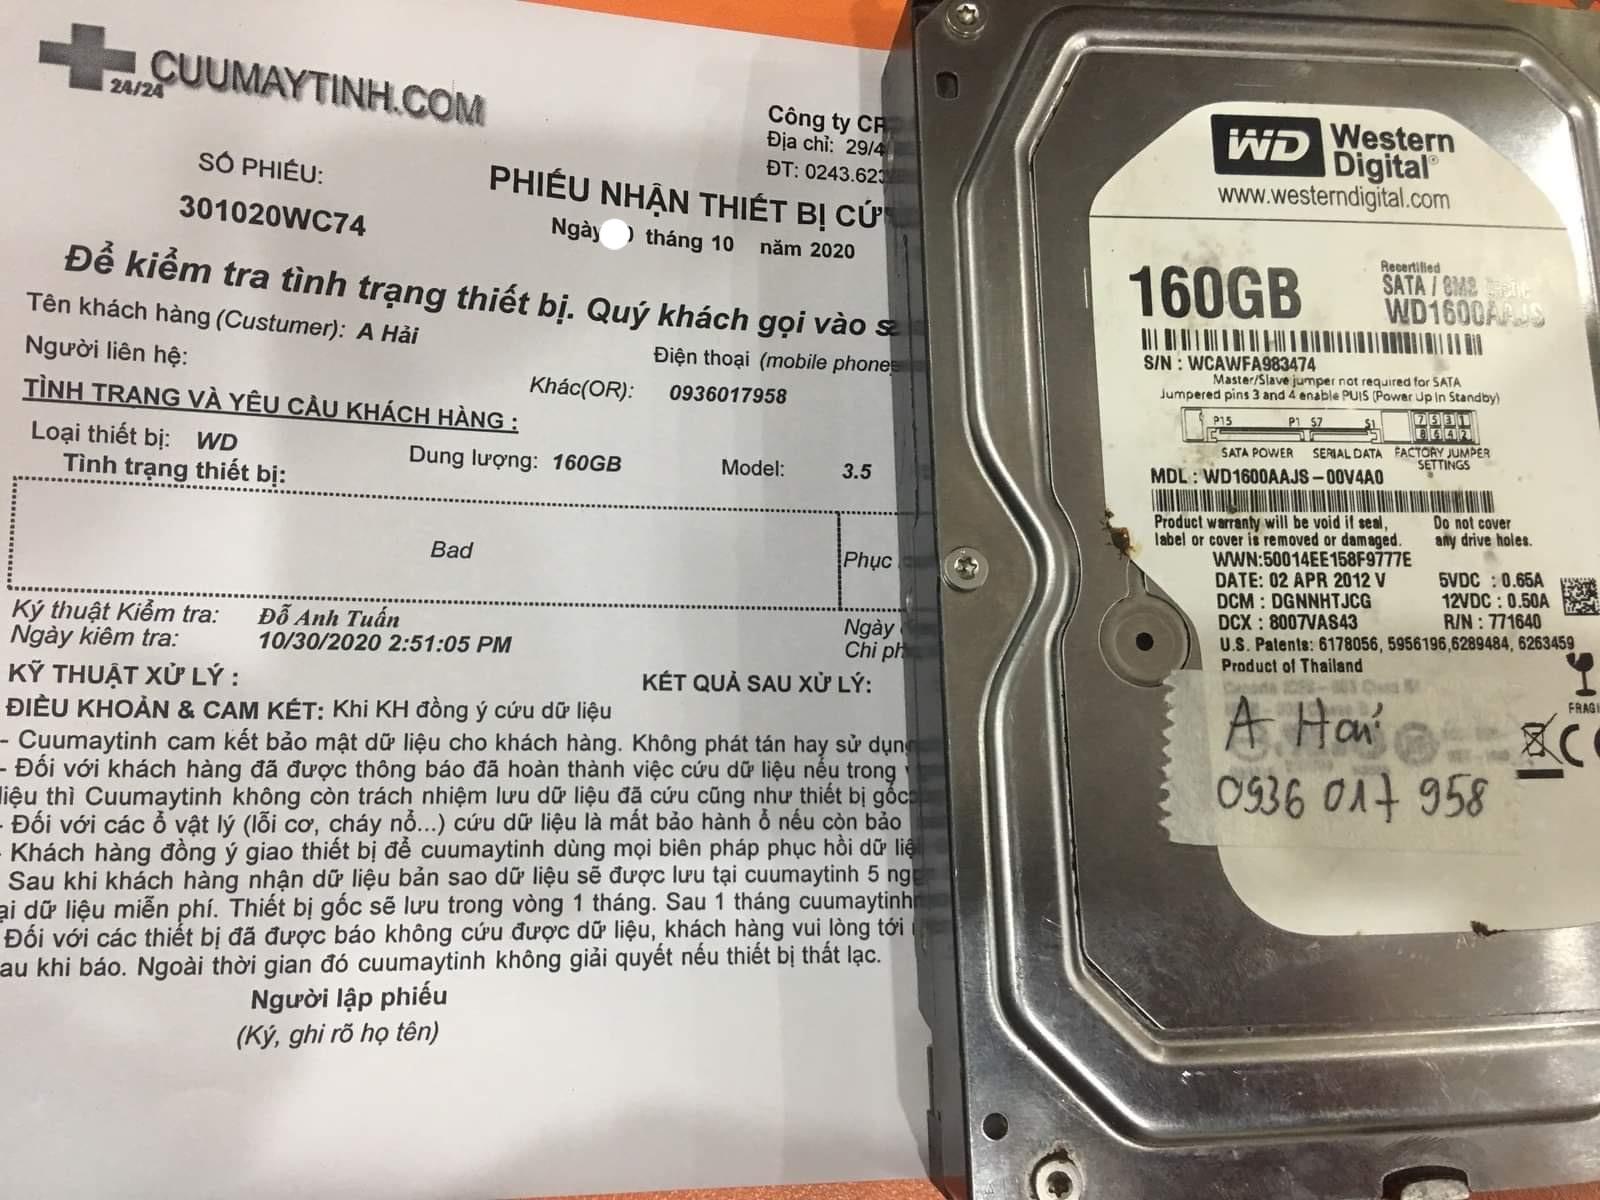 Cứu dữ liệu ổ cứng Western 160GB bad  30/10/2020 - cuumaytinh